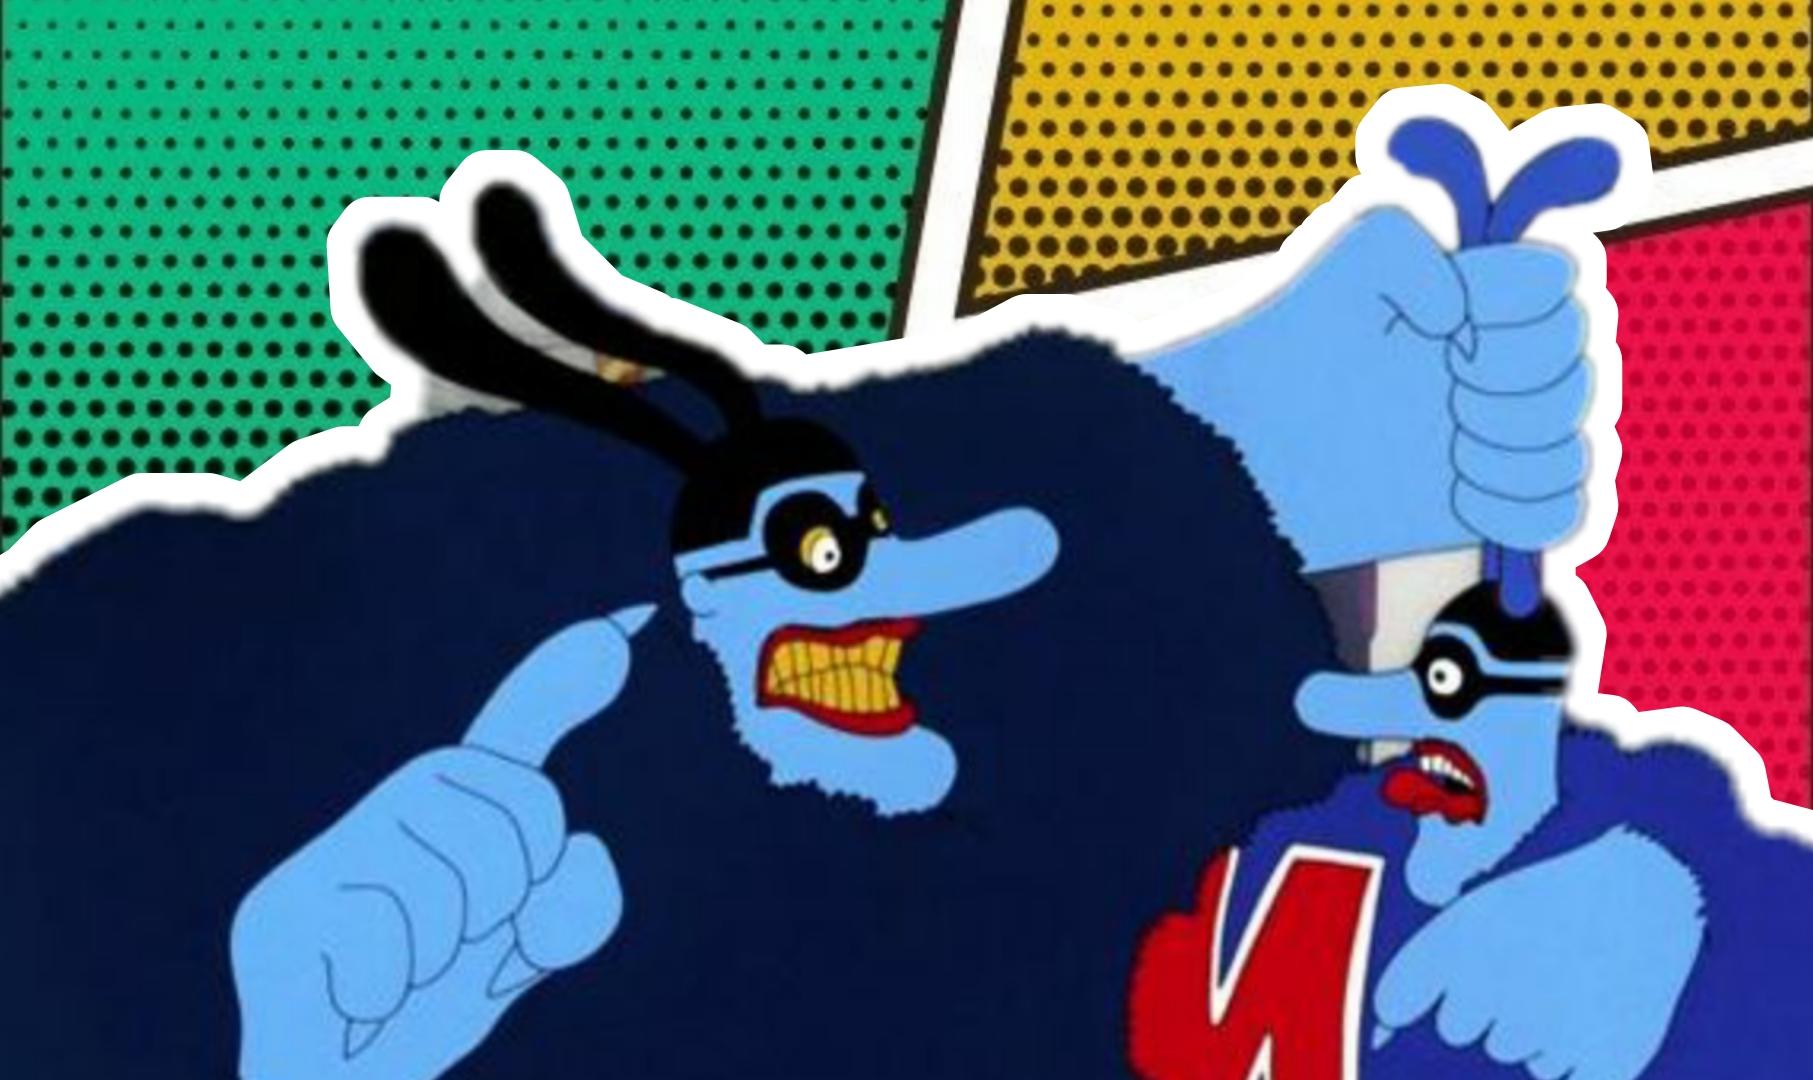 A imagem com fundo colorido mostra um gigante Blue Meanie segurando pelas orelhas um Blue Meanie menor. O primeiro tem um sorriso maléfico e o segundo mostra-se assustado.